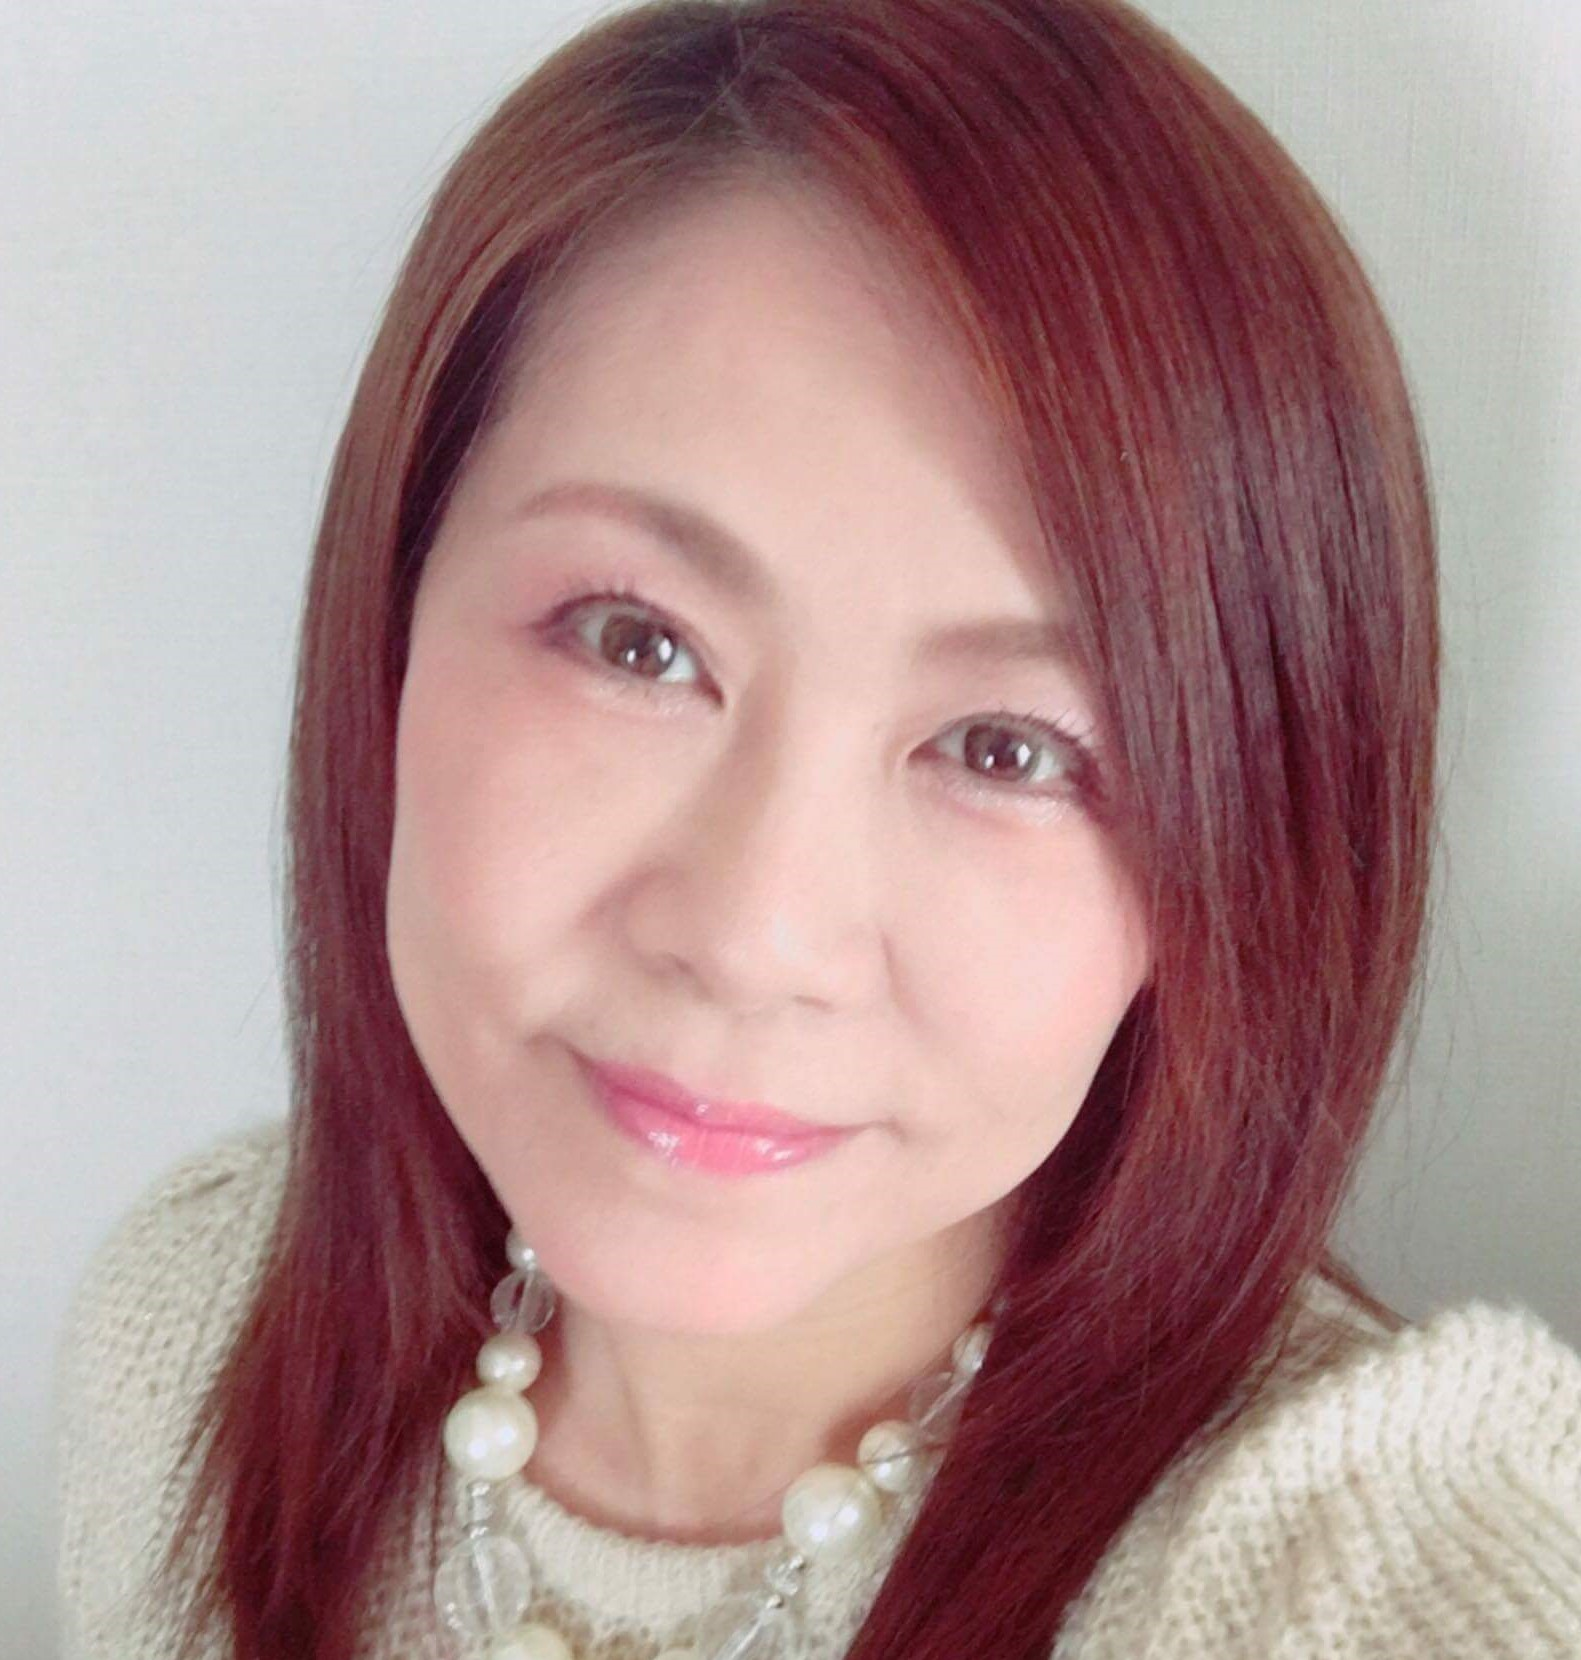 株式会社GRID 寺澤やす子 1 豊洲マガジン